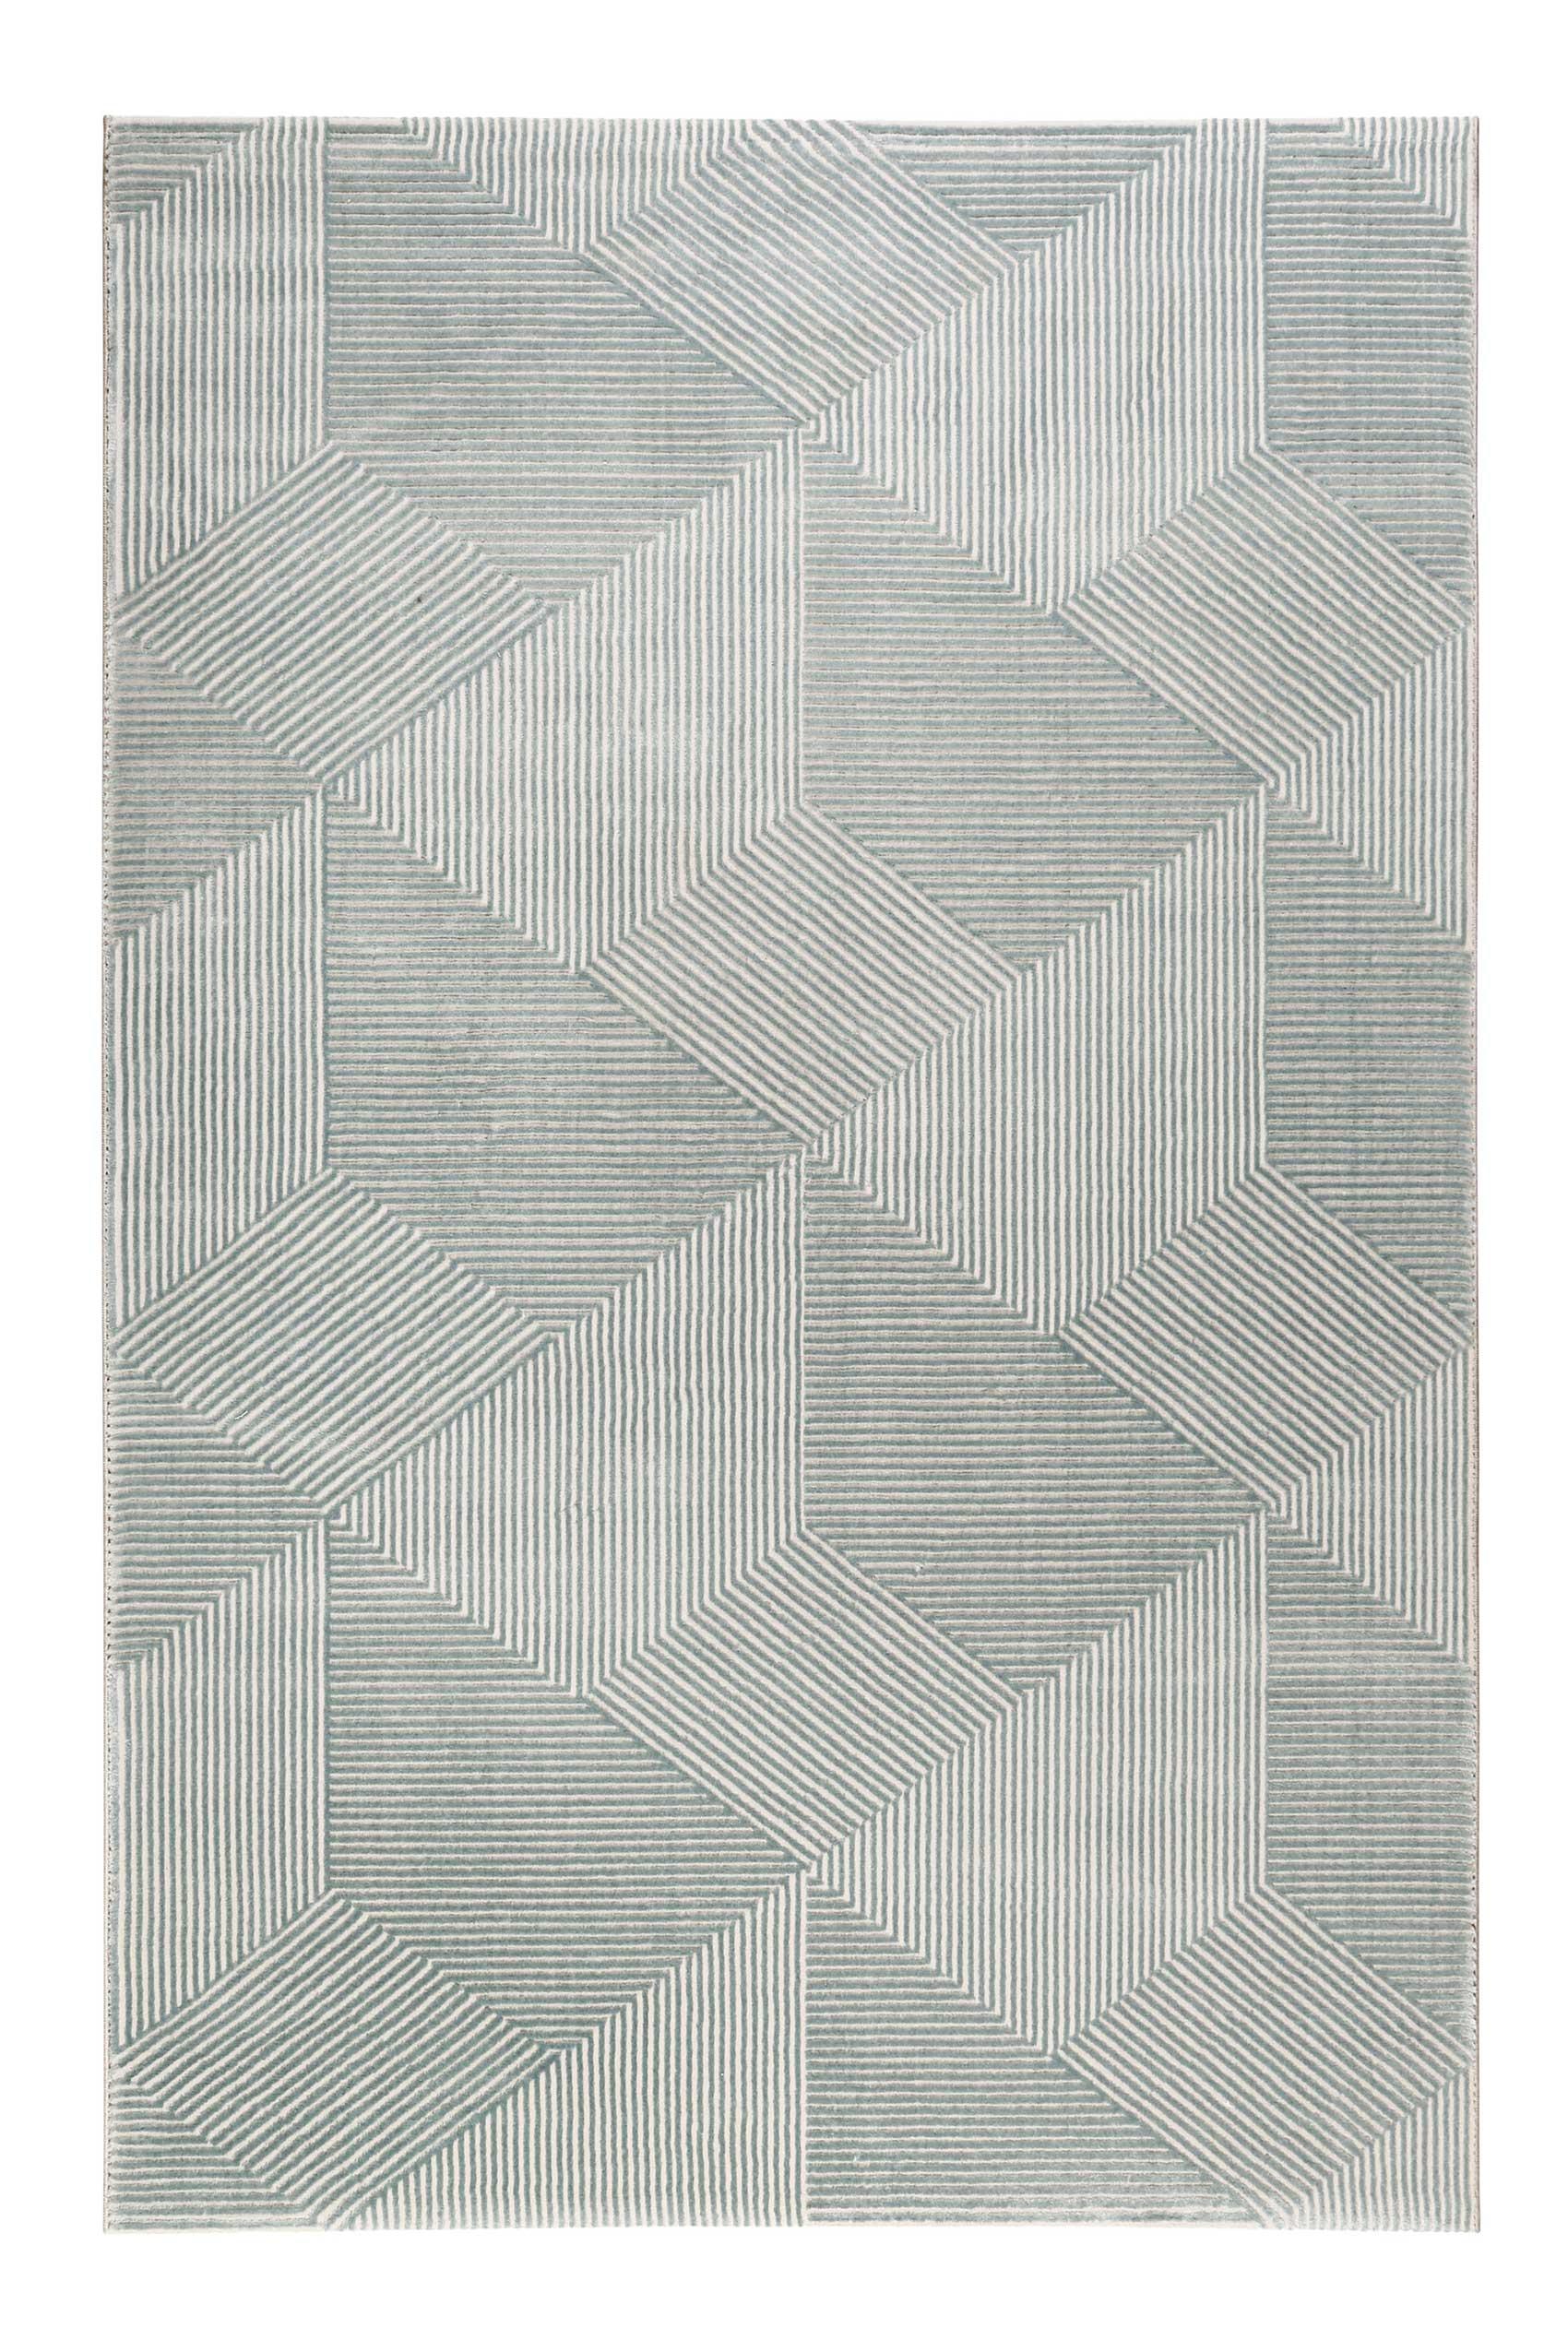 Tapis motif géométrique à relief vert beige 225x160